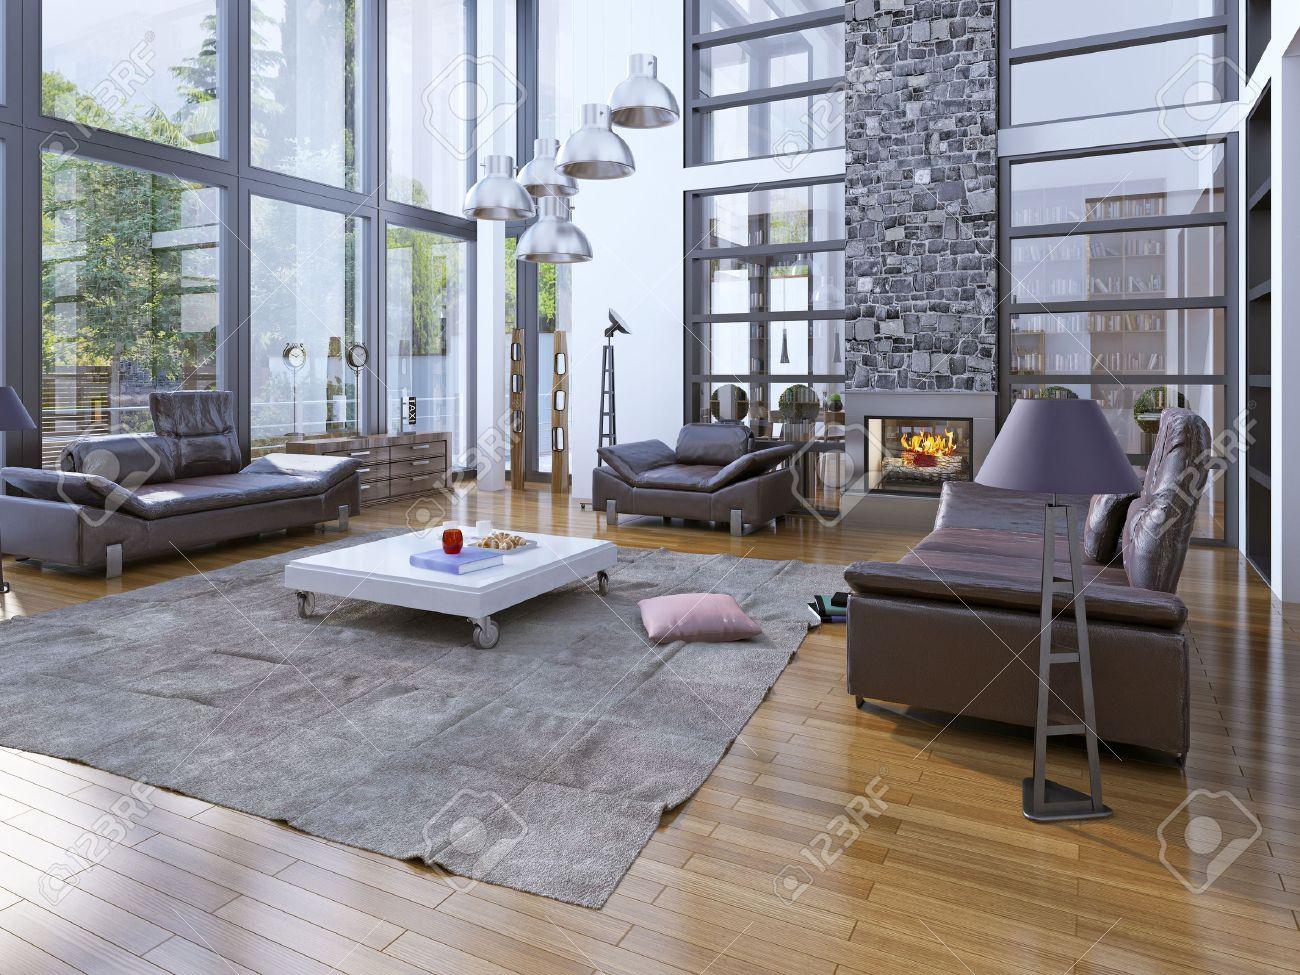 Hohe Decke Wohnzimmer Mit Fireplare. Modernes Interieur Mit ...